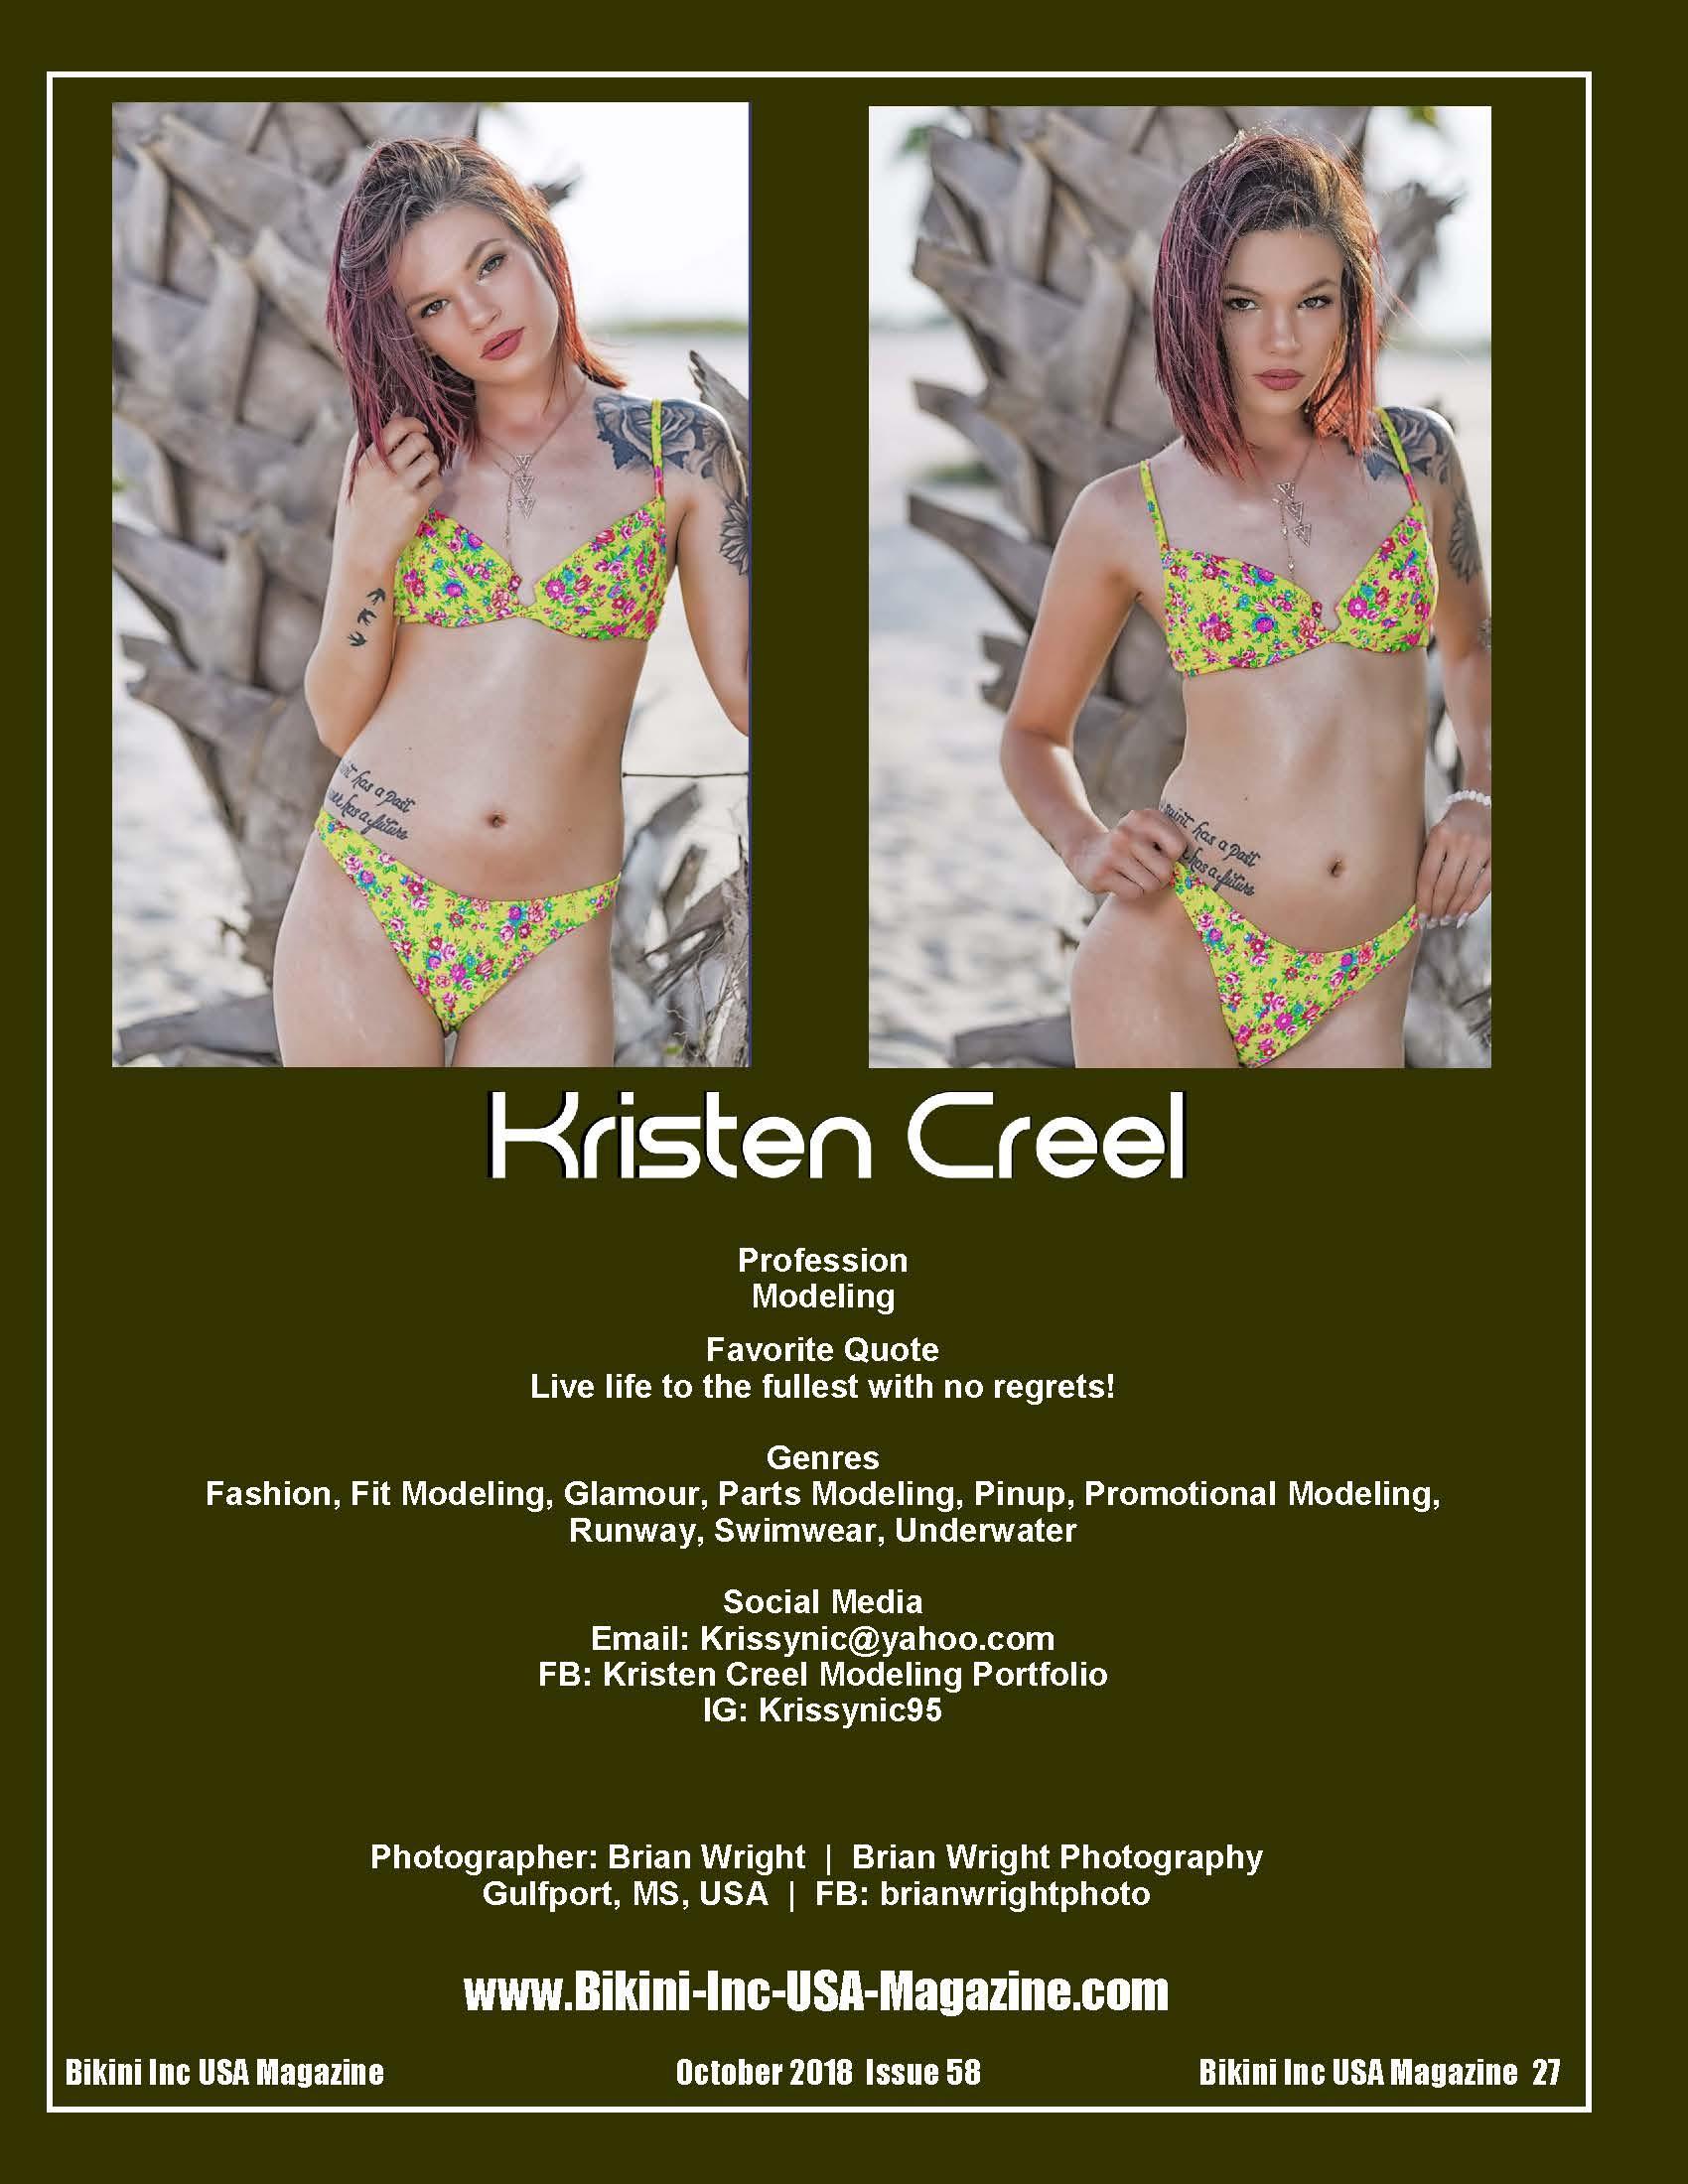 Kristen Creel - Oct 2018